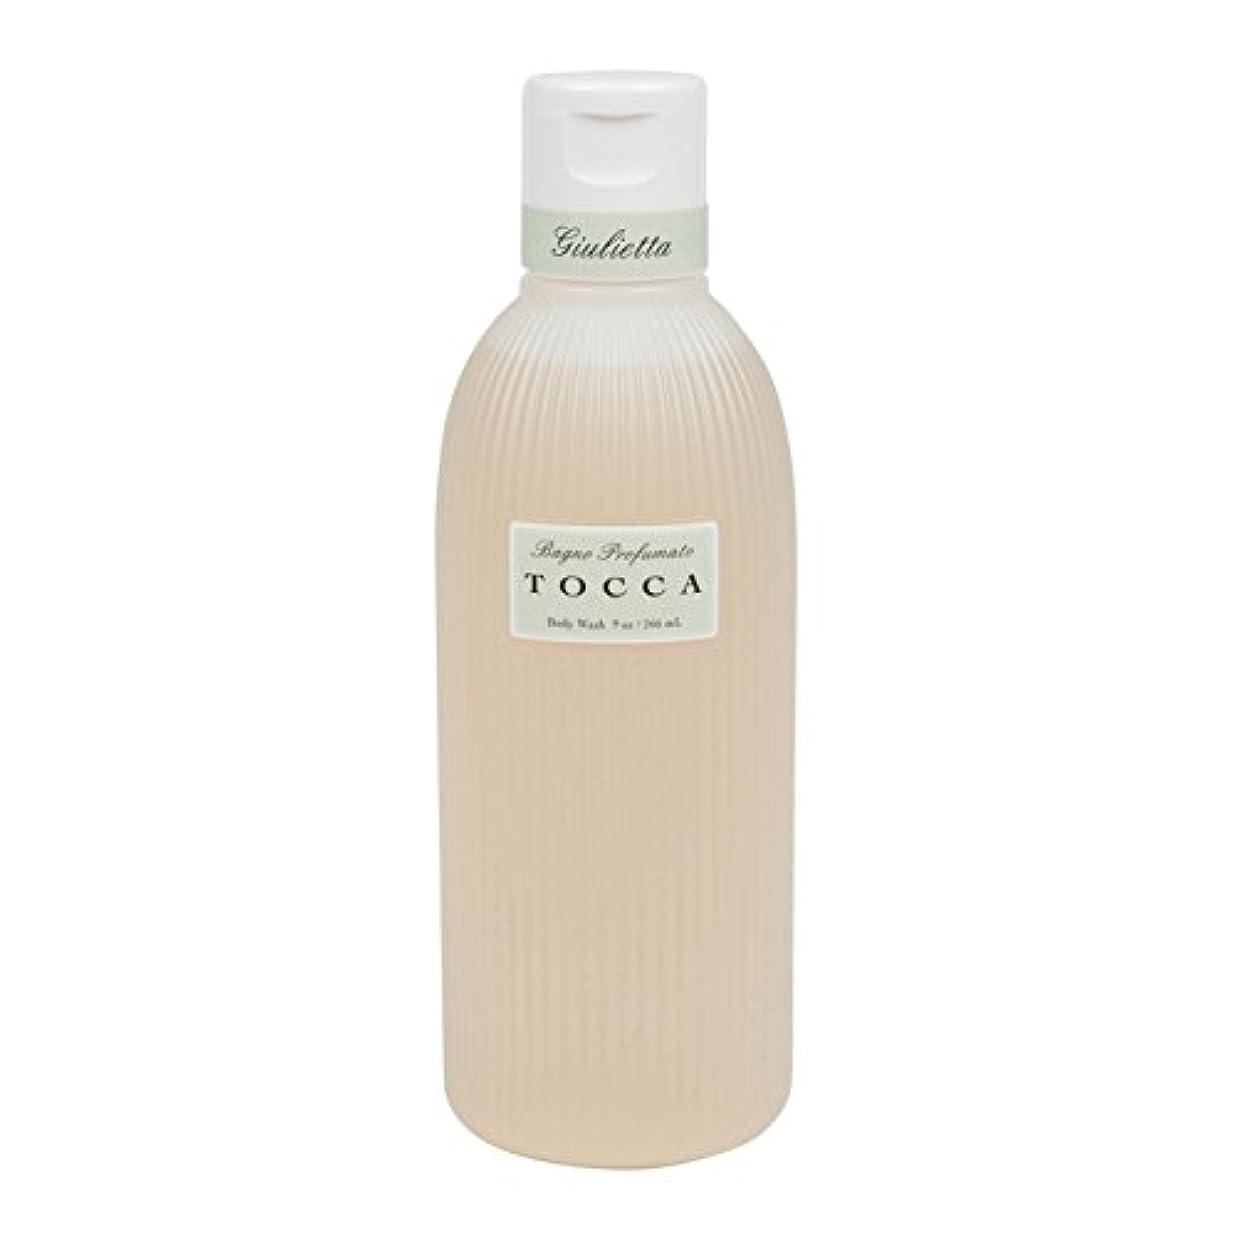 もつれ持続的不注意トッカ(TOCCA) ボディーケアウォッシュ ジュリエッタの香り 266ml(全身用洗浄料 ボディーソープ ピンクチューリップとグリーンアップルの爽やかで甘い香り) [並行輸入品]